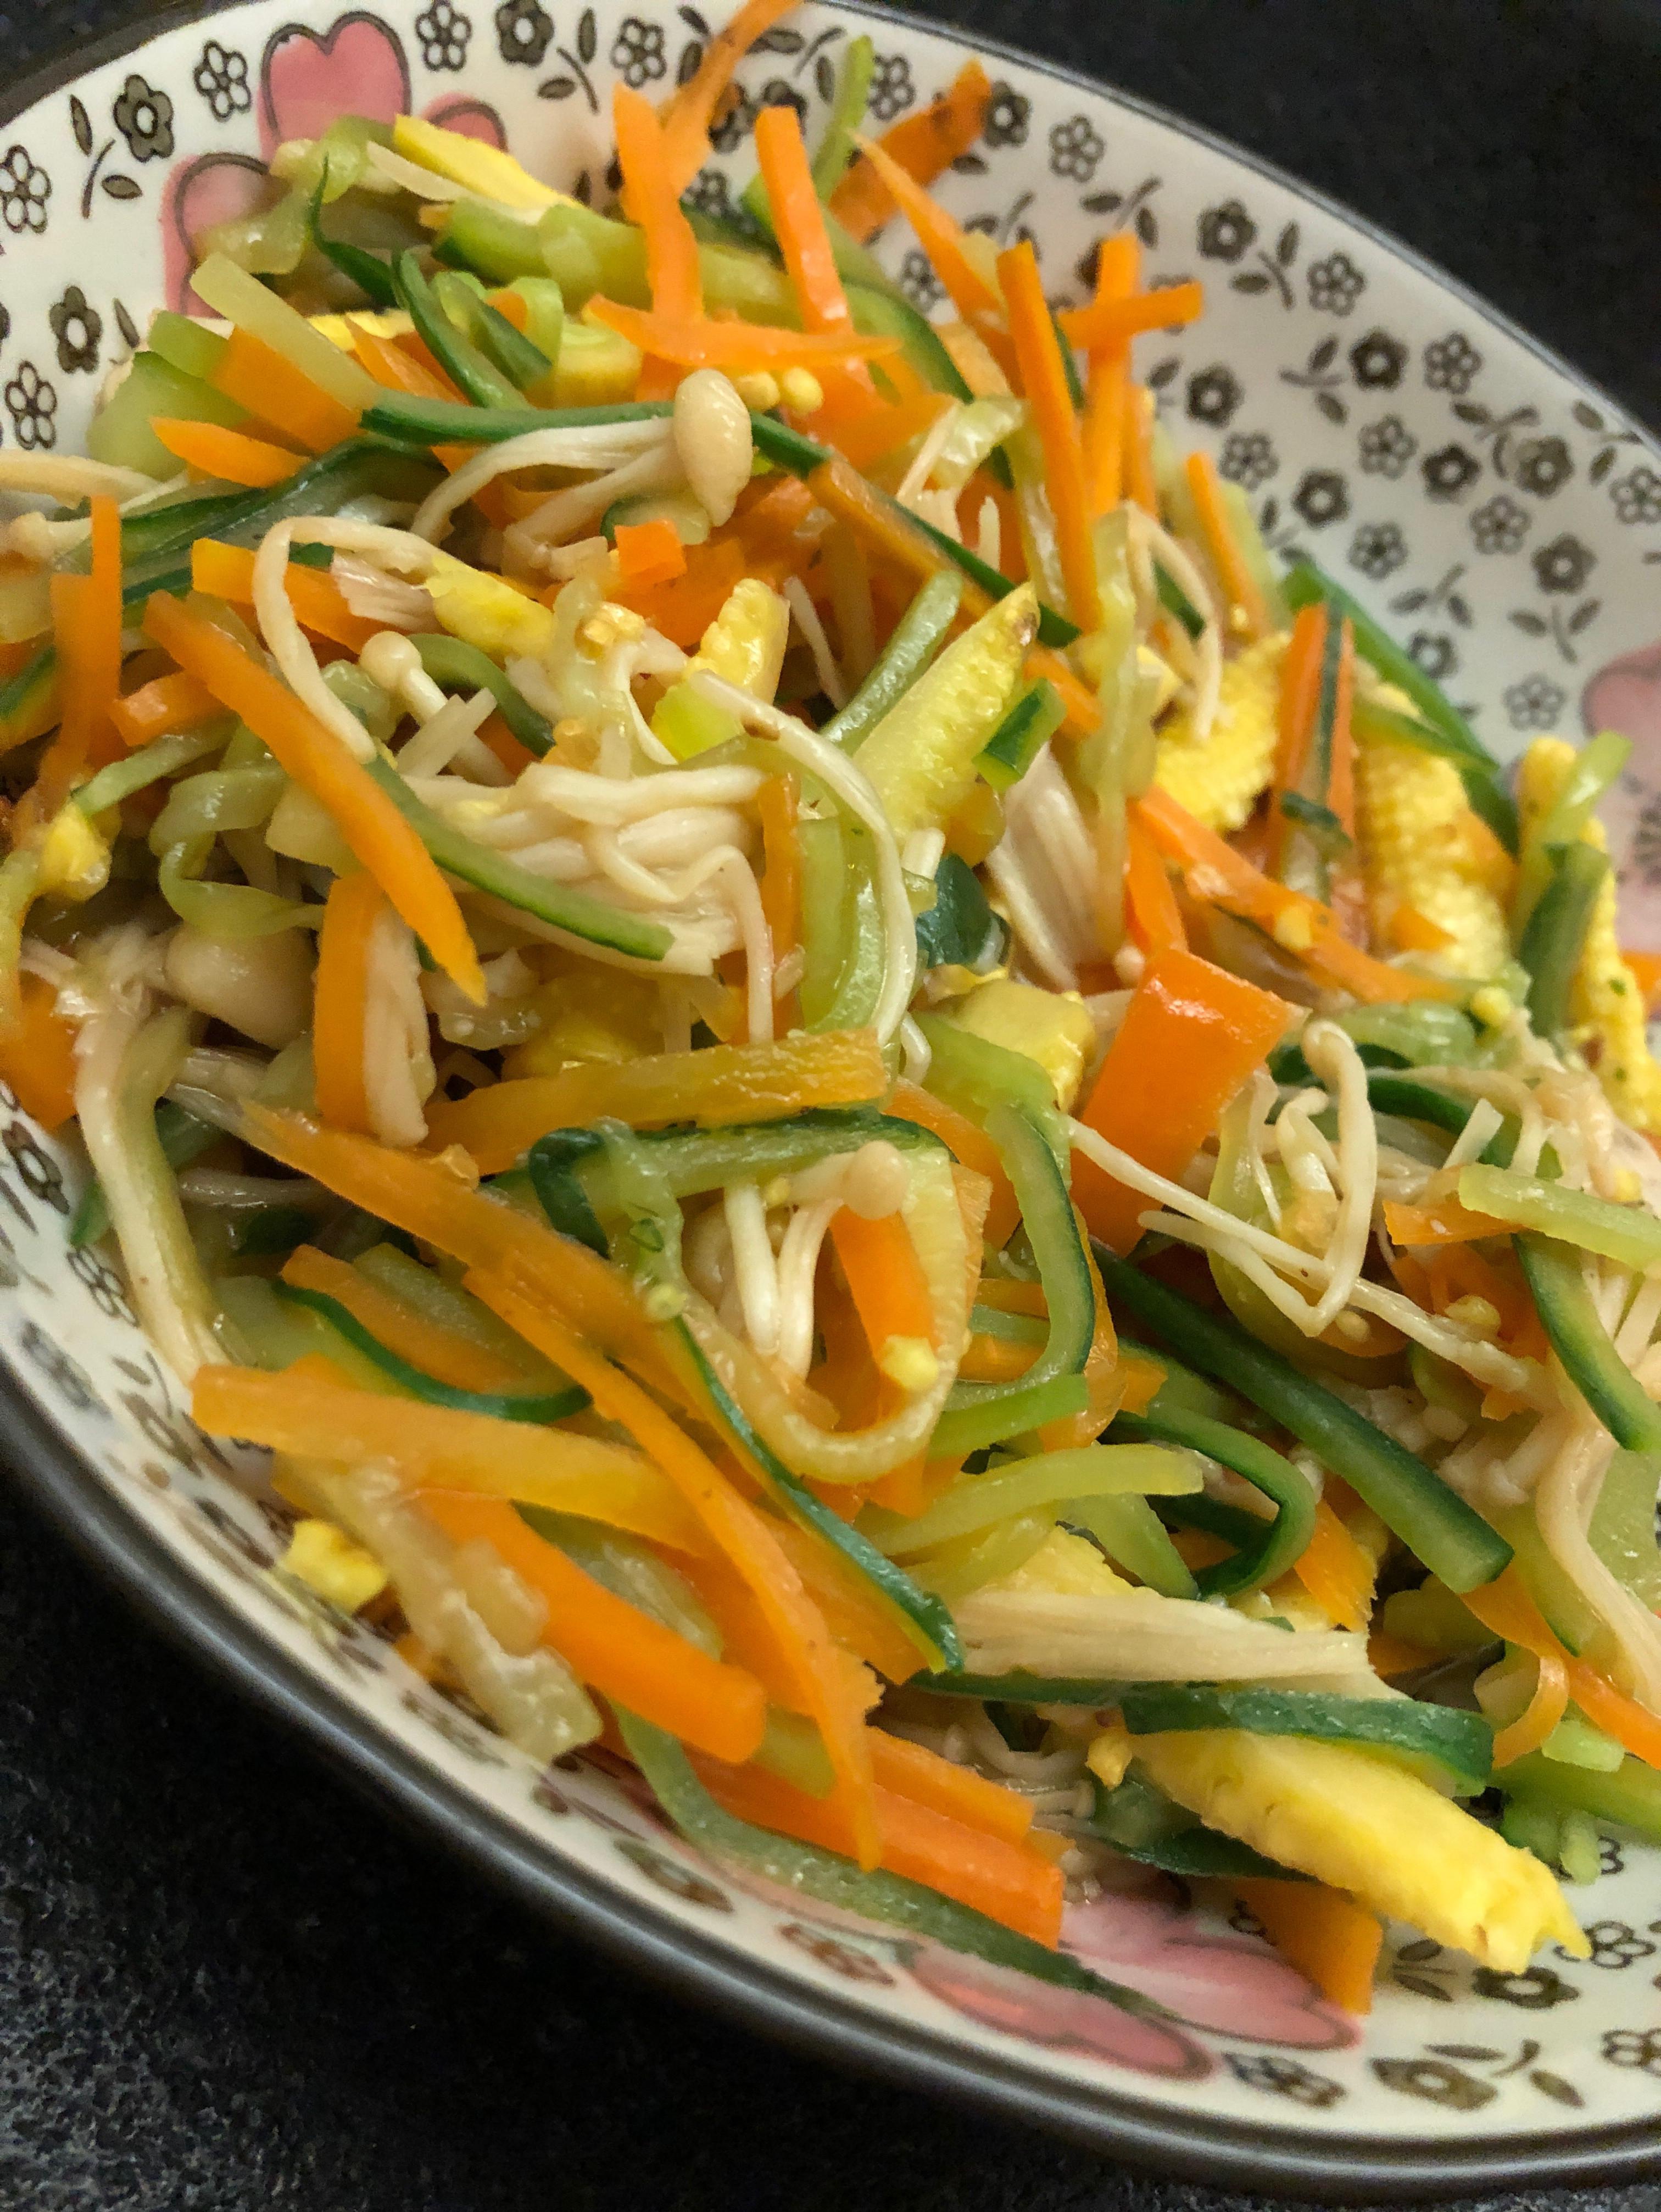 炒小黃瓜 涼拌菜 前菜 冷菜 素食